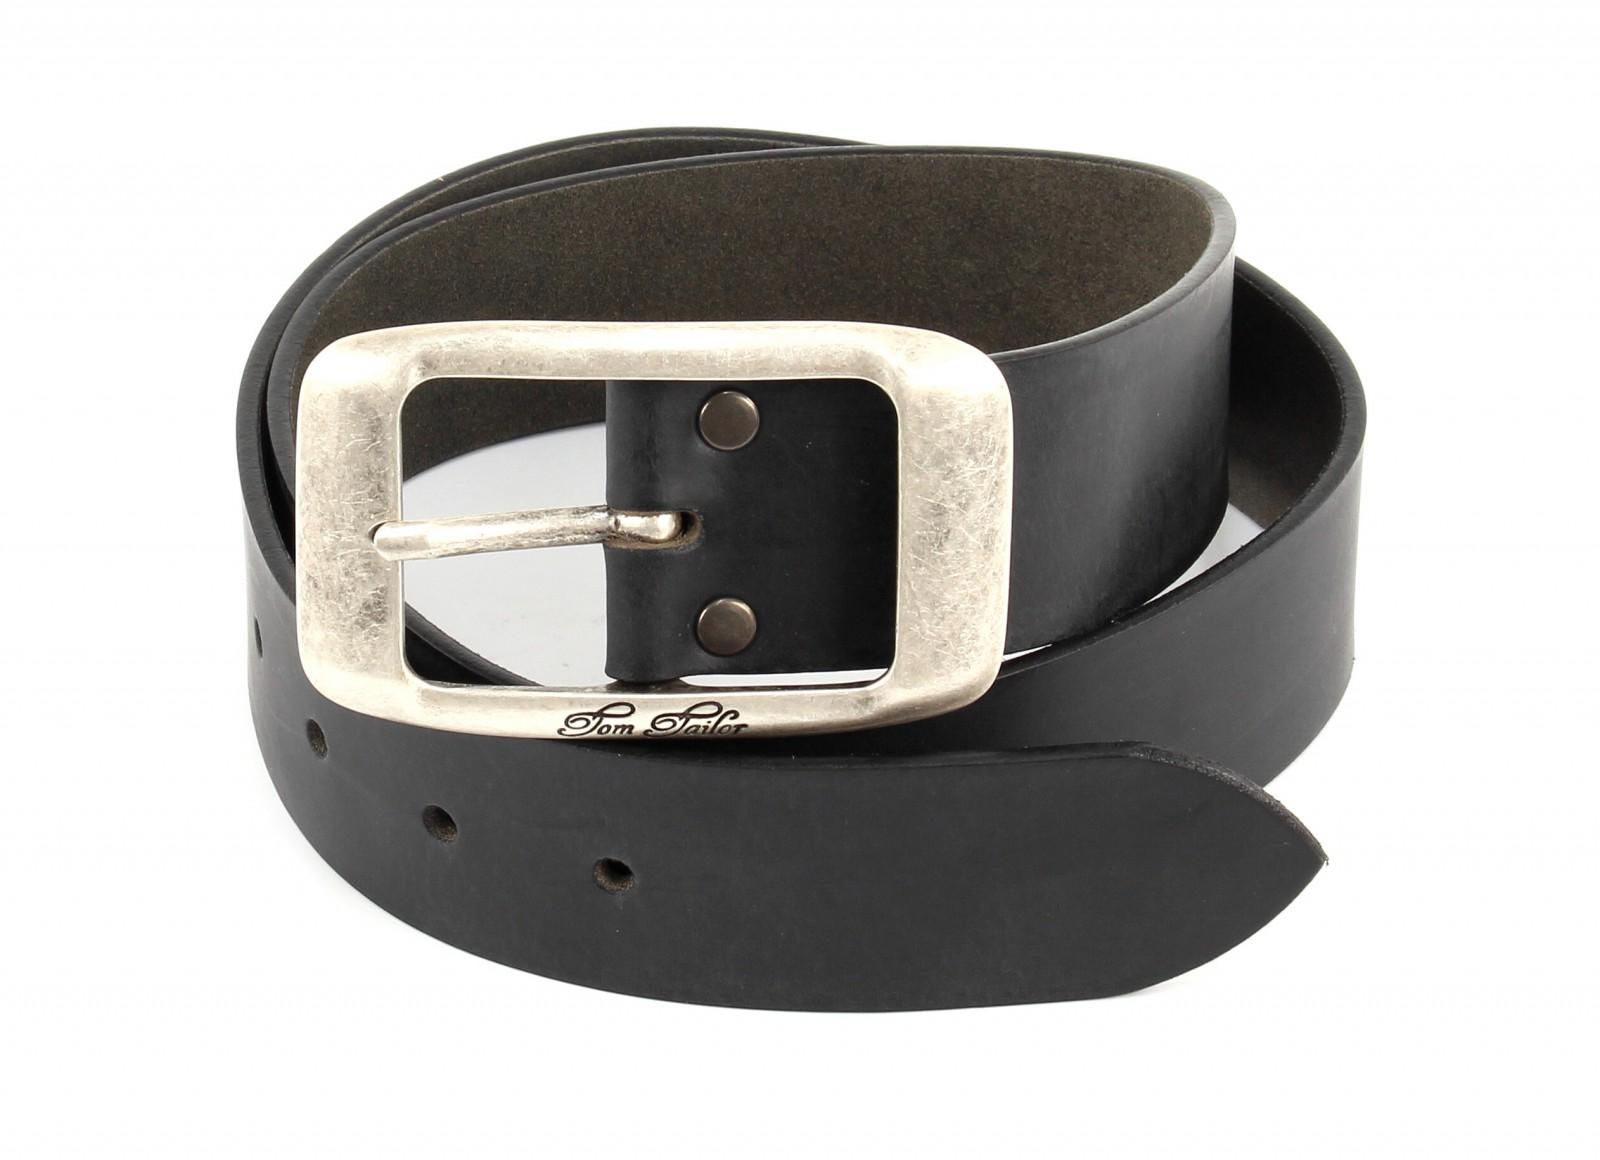 TOM TAILOR Belt TW1003R01 W85 Black